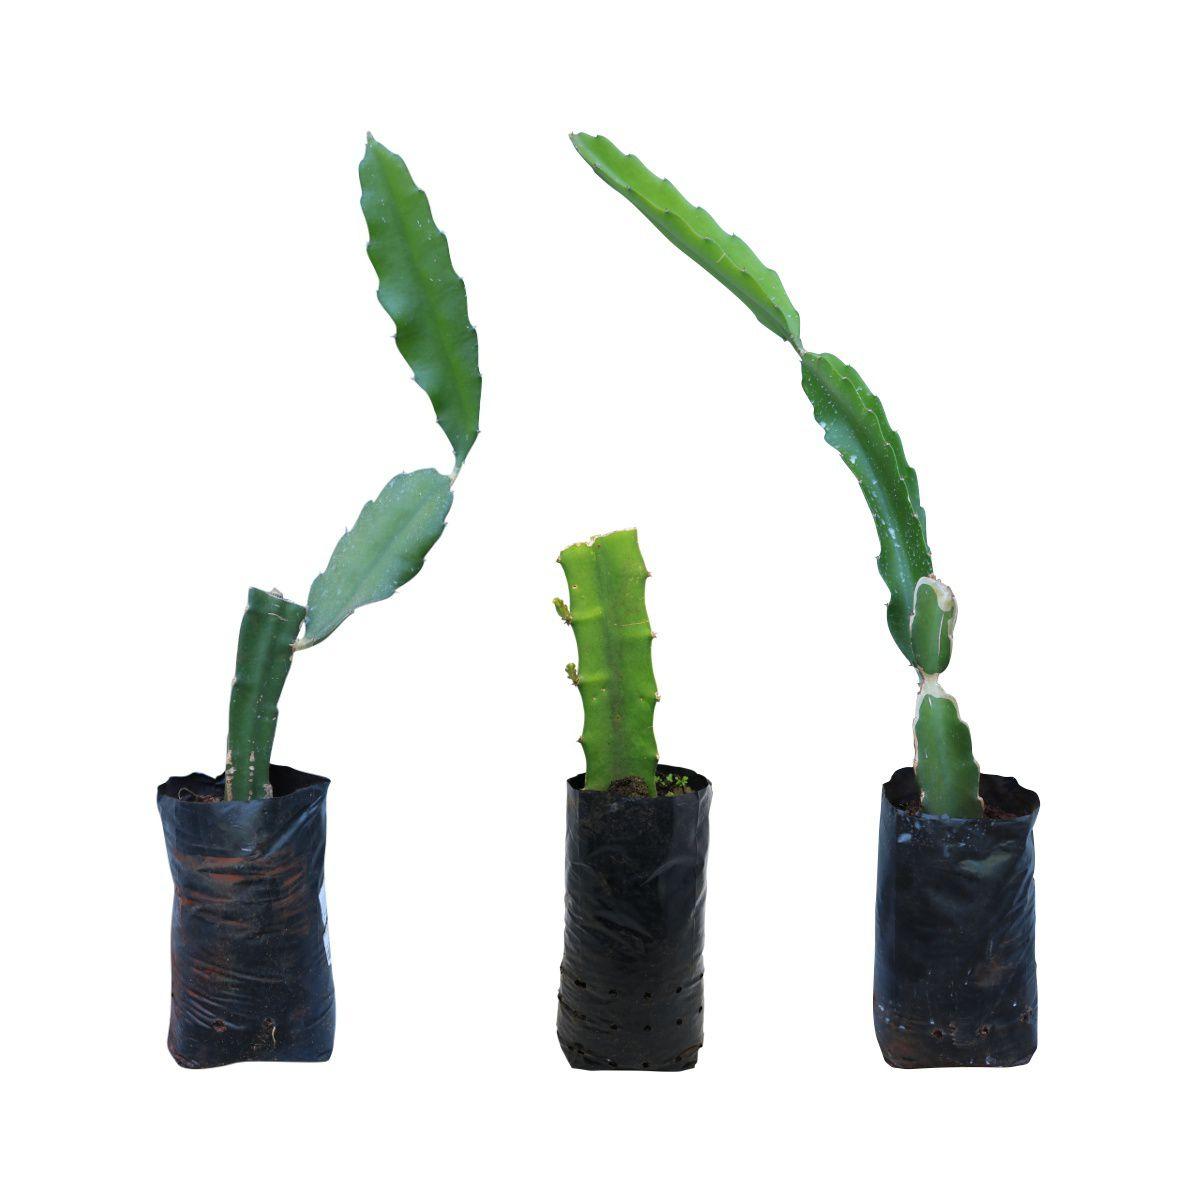 Kit com 3 mudas de Pitaya sortidas feitas de estaca